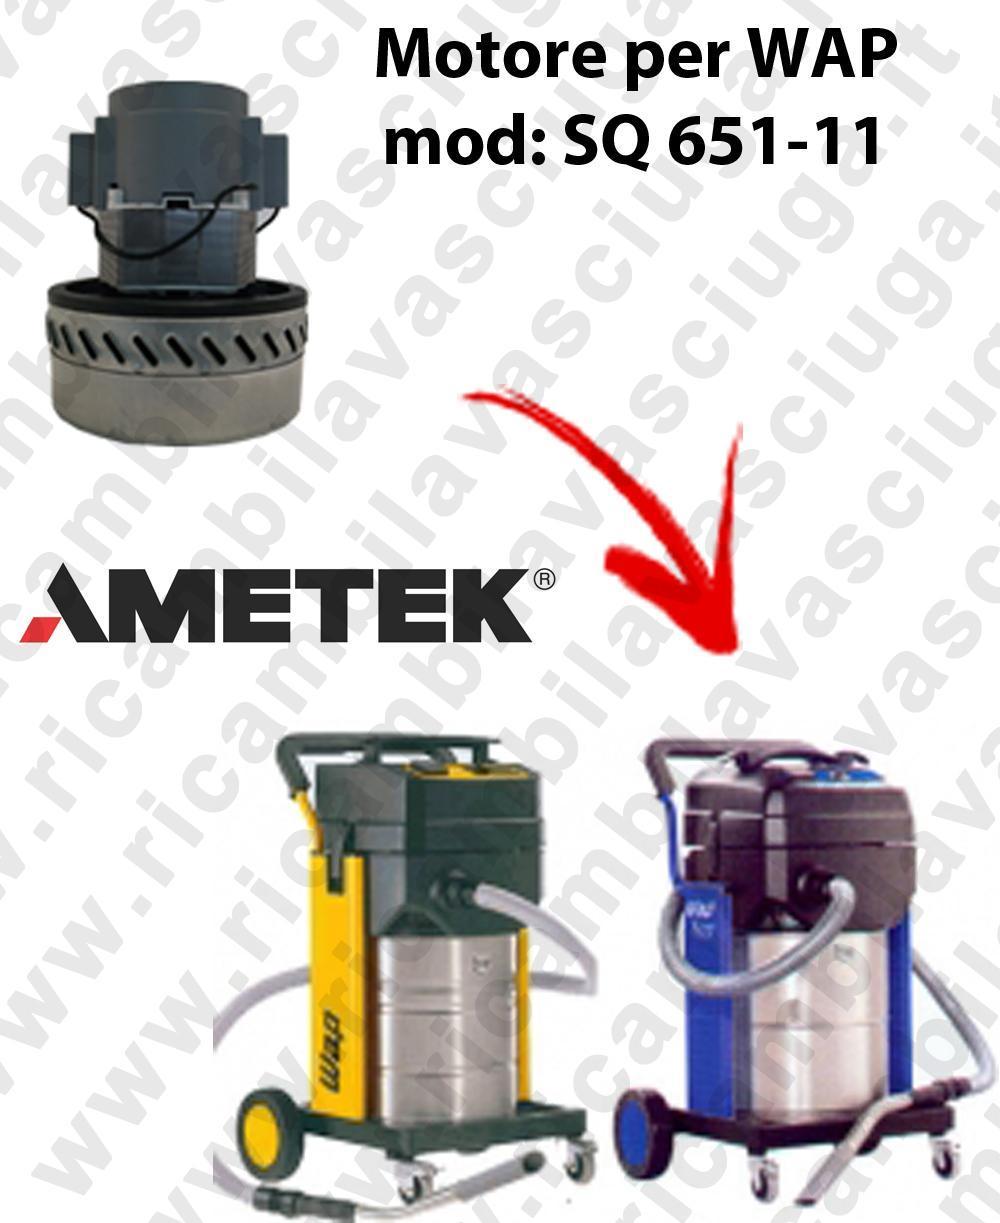 SQ 651 - 11 MOTEUR ASPIRATION AMETEK  pour aspirateur WAP